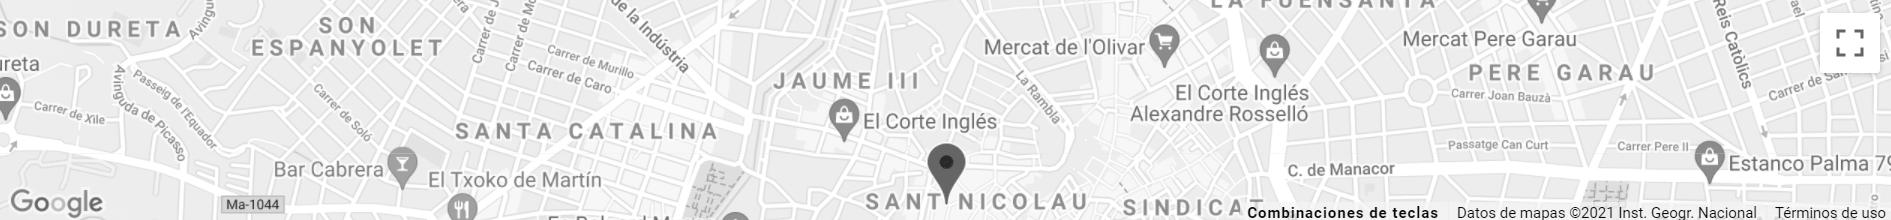 Pidelaluna - Palma de Mallorca